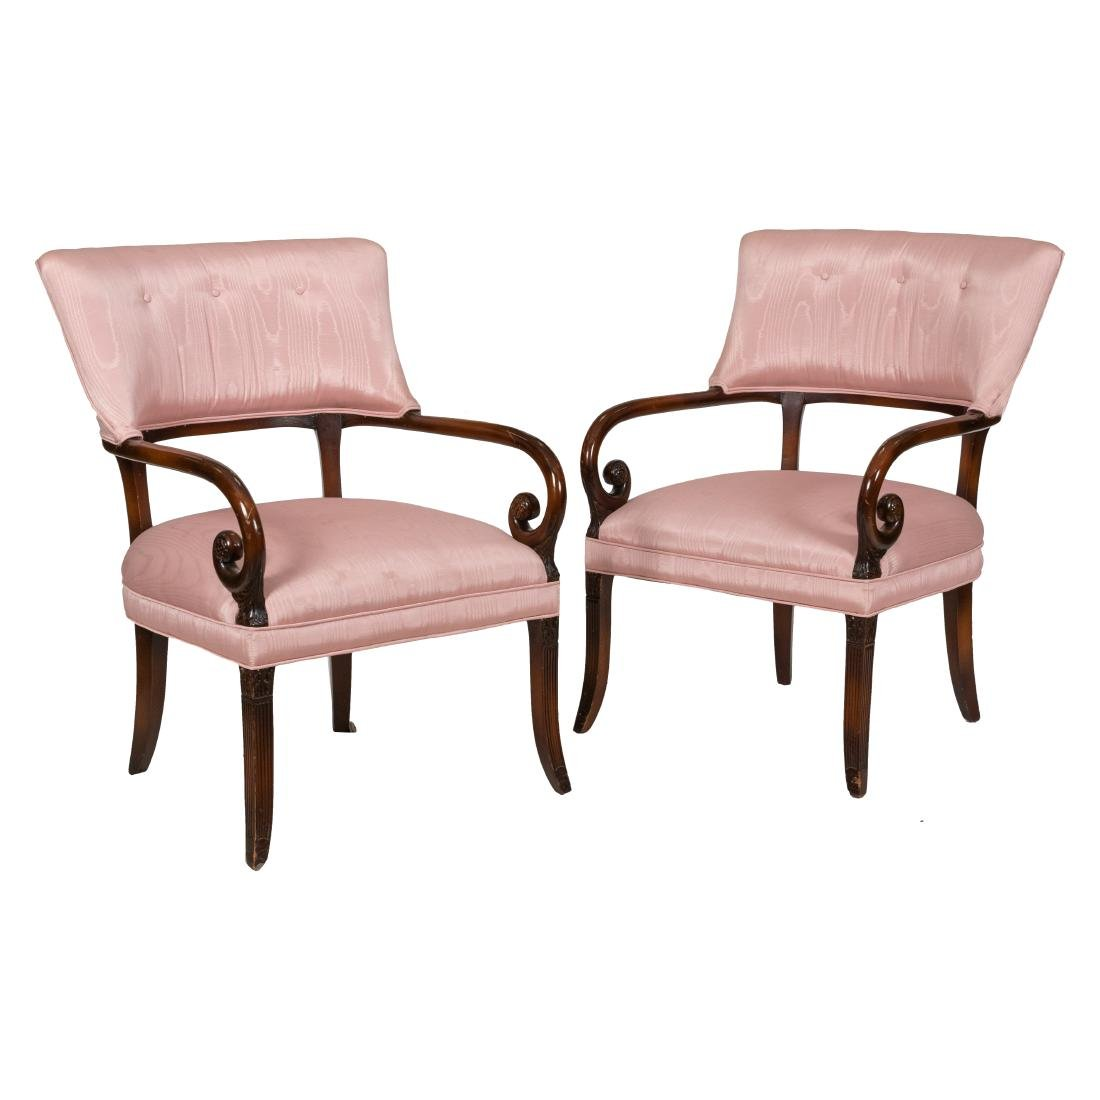 Regency Style Mahogany Arm Chairs